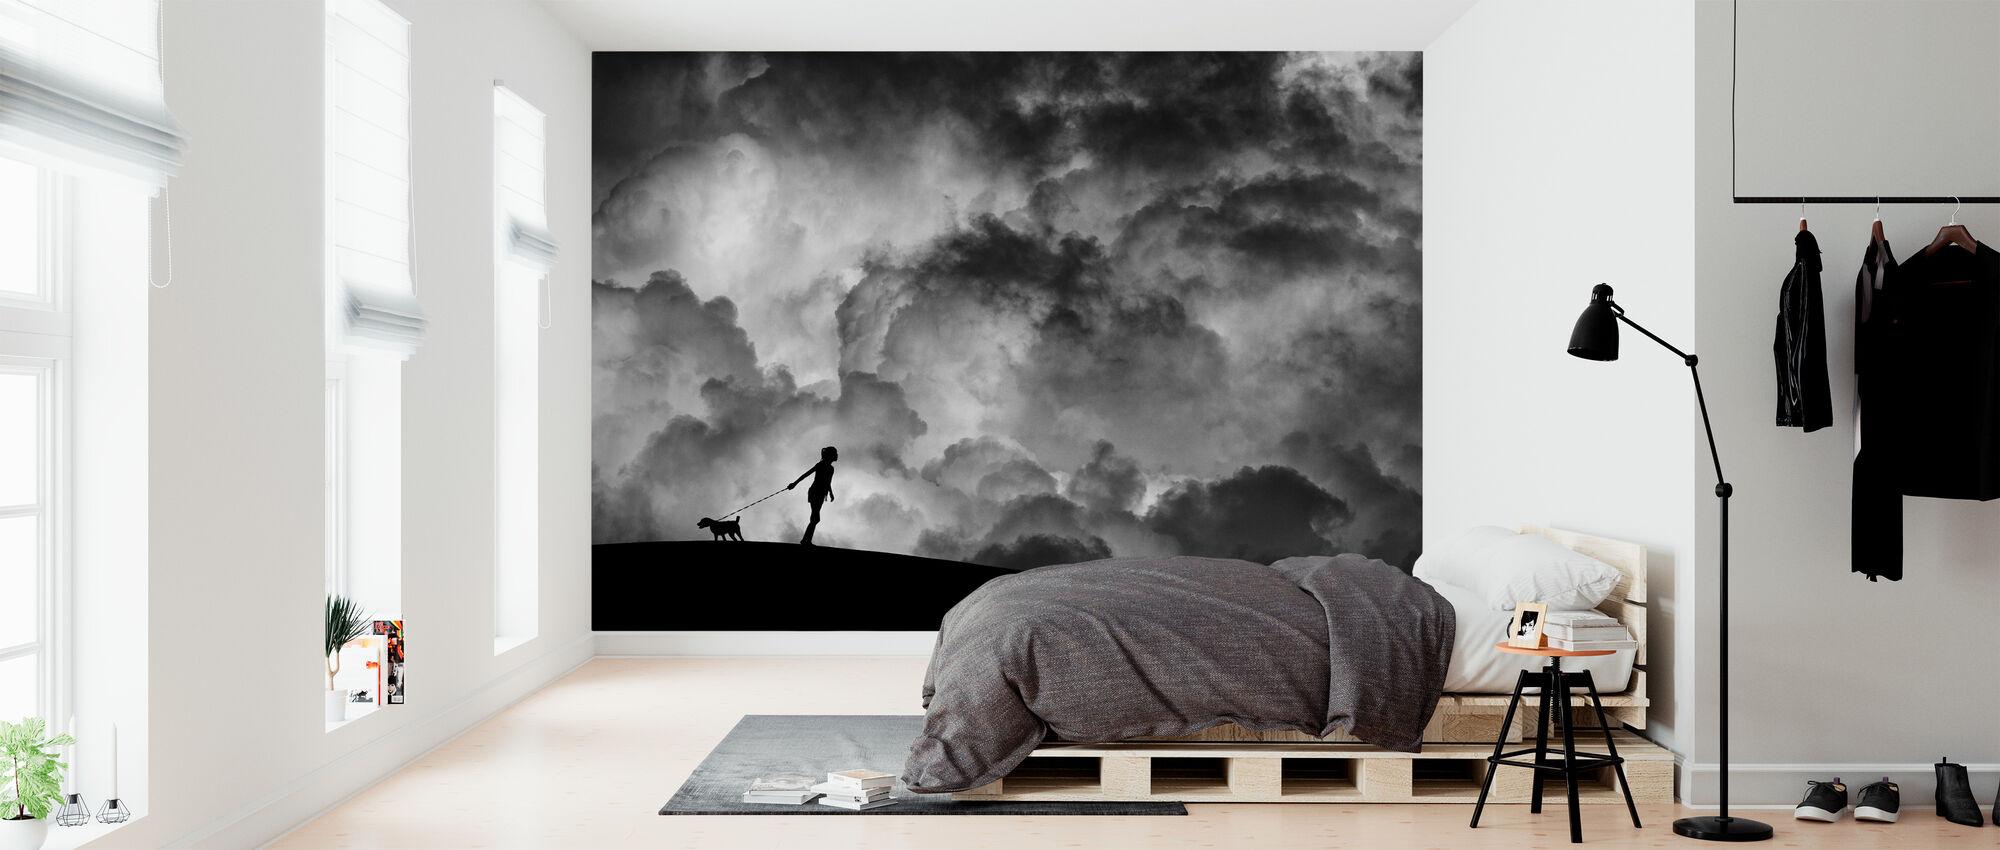 Alkusoitto Unelmalle, mustavalkoinen - Tapetti - Makuuhuone